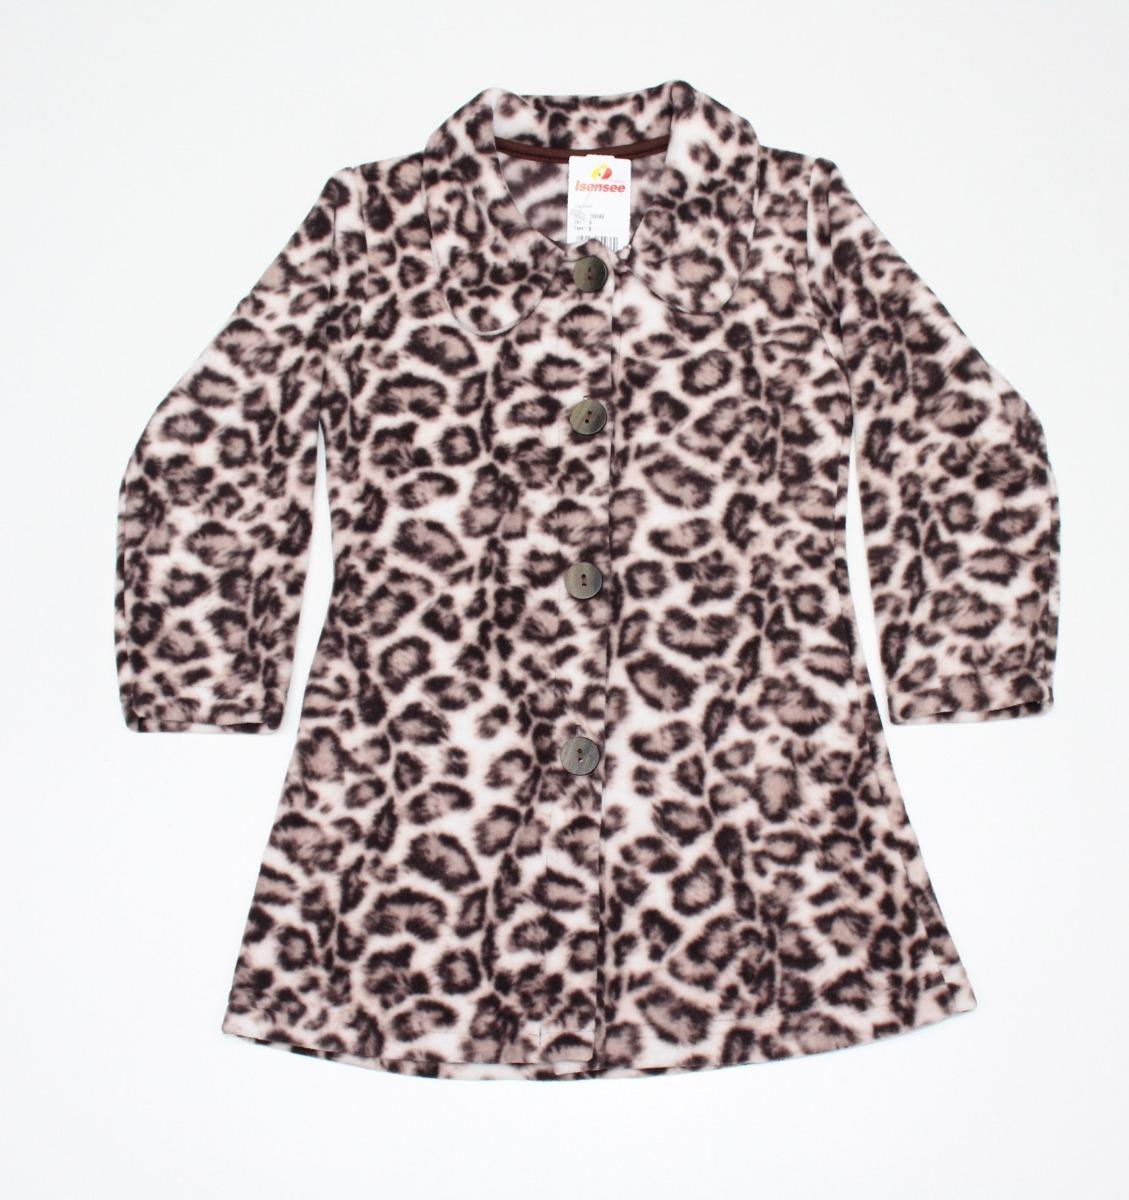 6a30c72a7 casaco infantil menina roupas de inverno compre promoção. Carregando zoom.